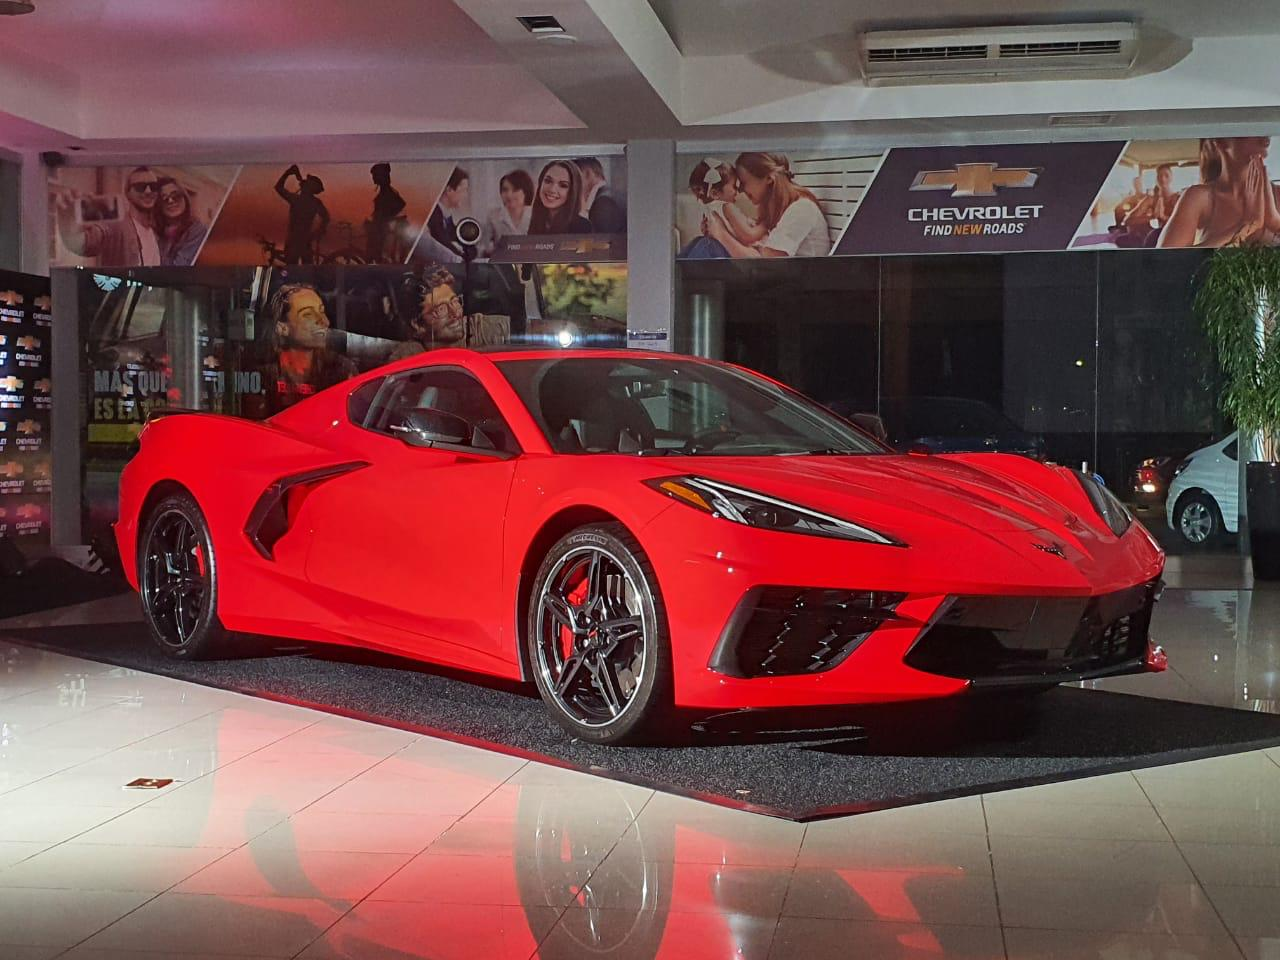 El elegante Corvette de Chevrolet de Grupo Q está disponible en rojo, blanco, amarillo, gris, azul, naranja, rojo vino y gris claro. Es un deportivo tanto funcional como precioso a simple vista.